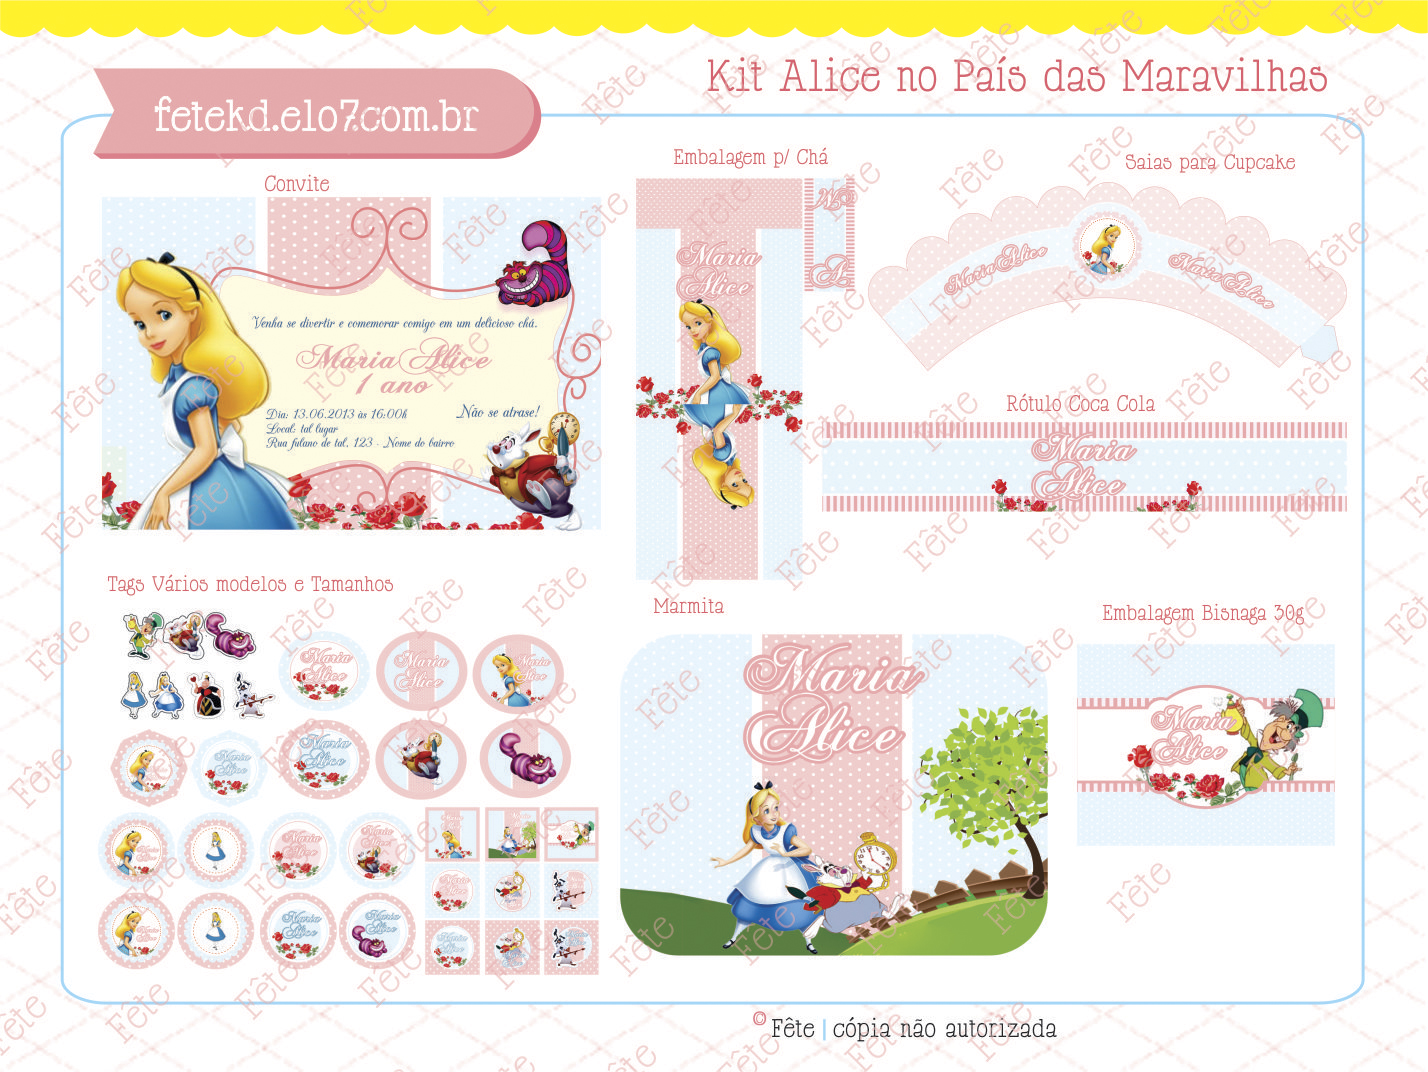 Famosos Kit Digital Alice No Pais das Maravilhas   Elo7 NR85